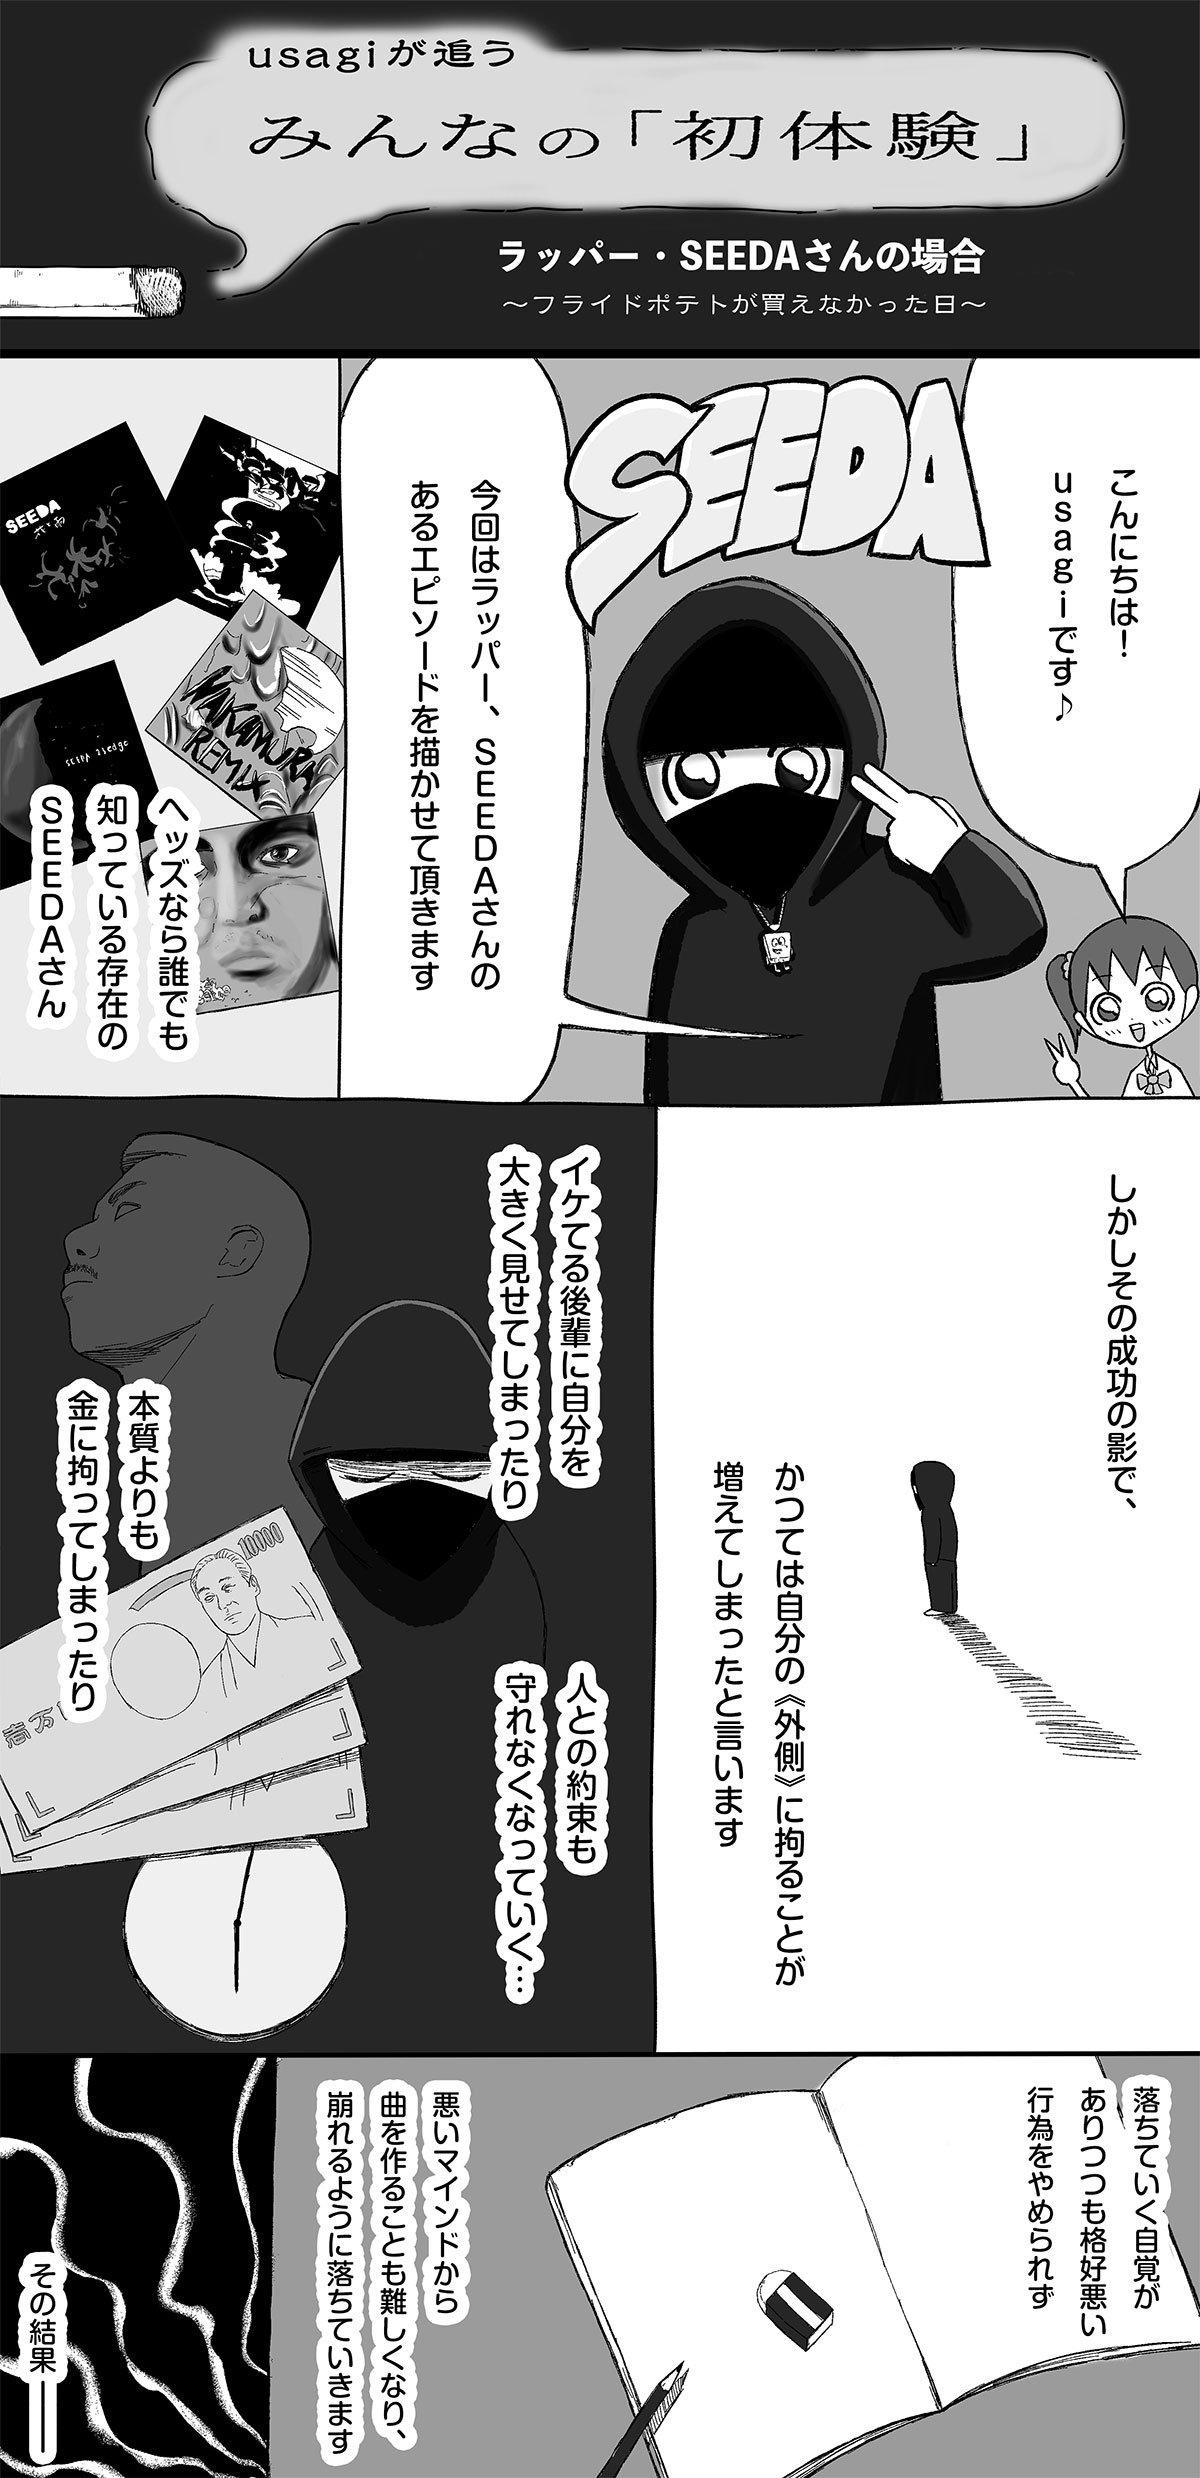 usagi_seeda_1.jpg